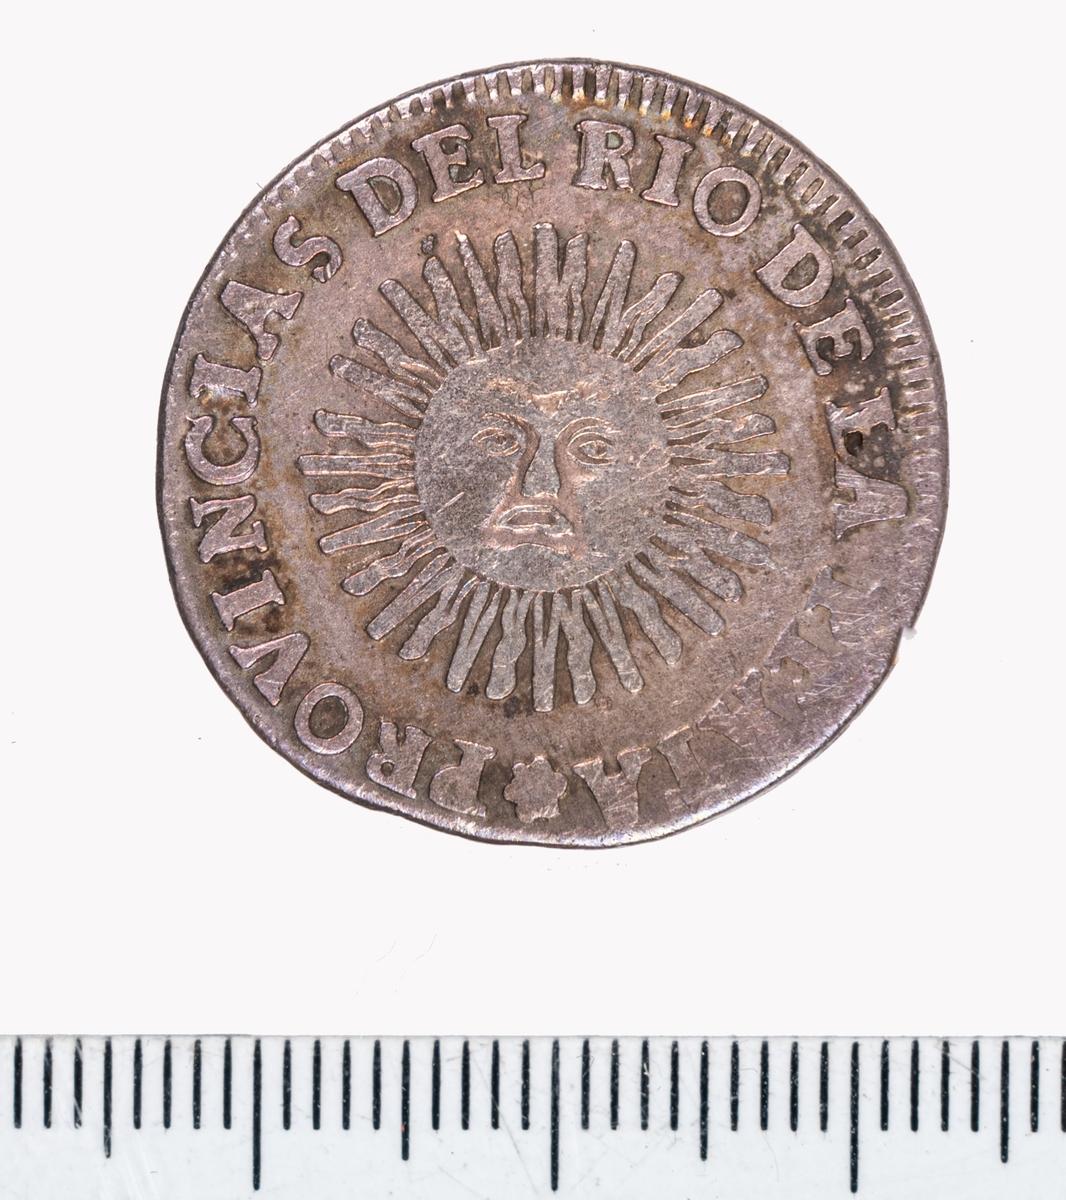 Mynt från Argentina, 1826, 2 soles.